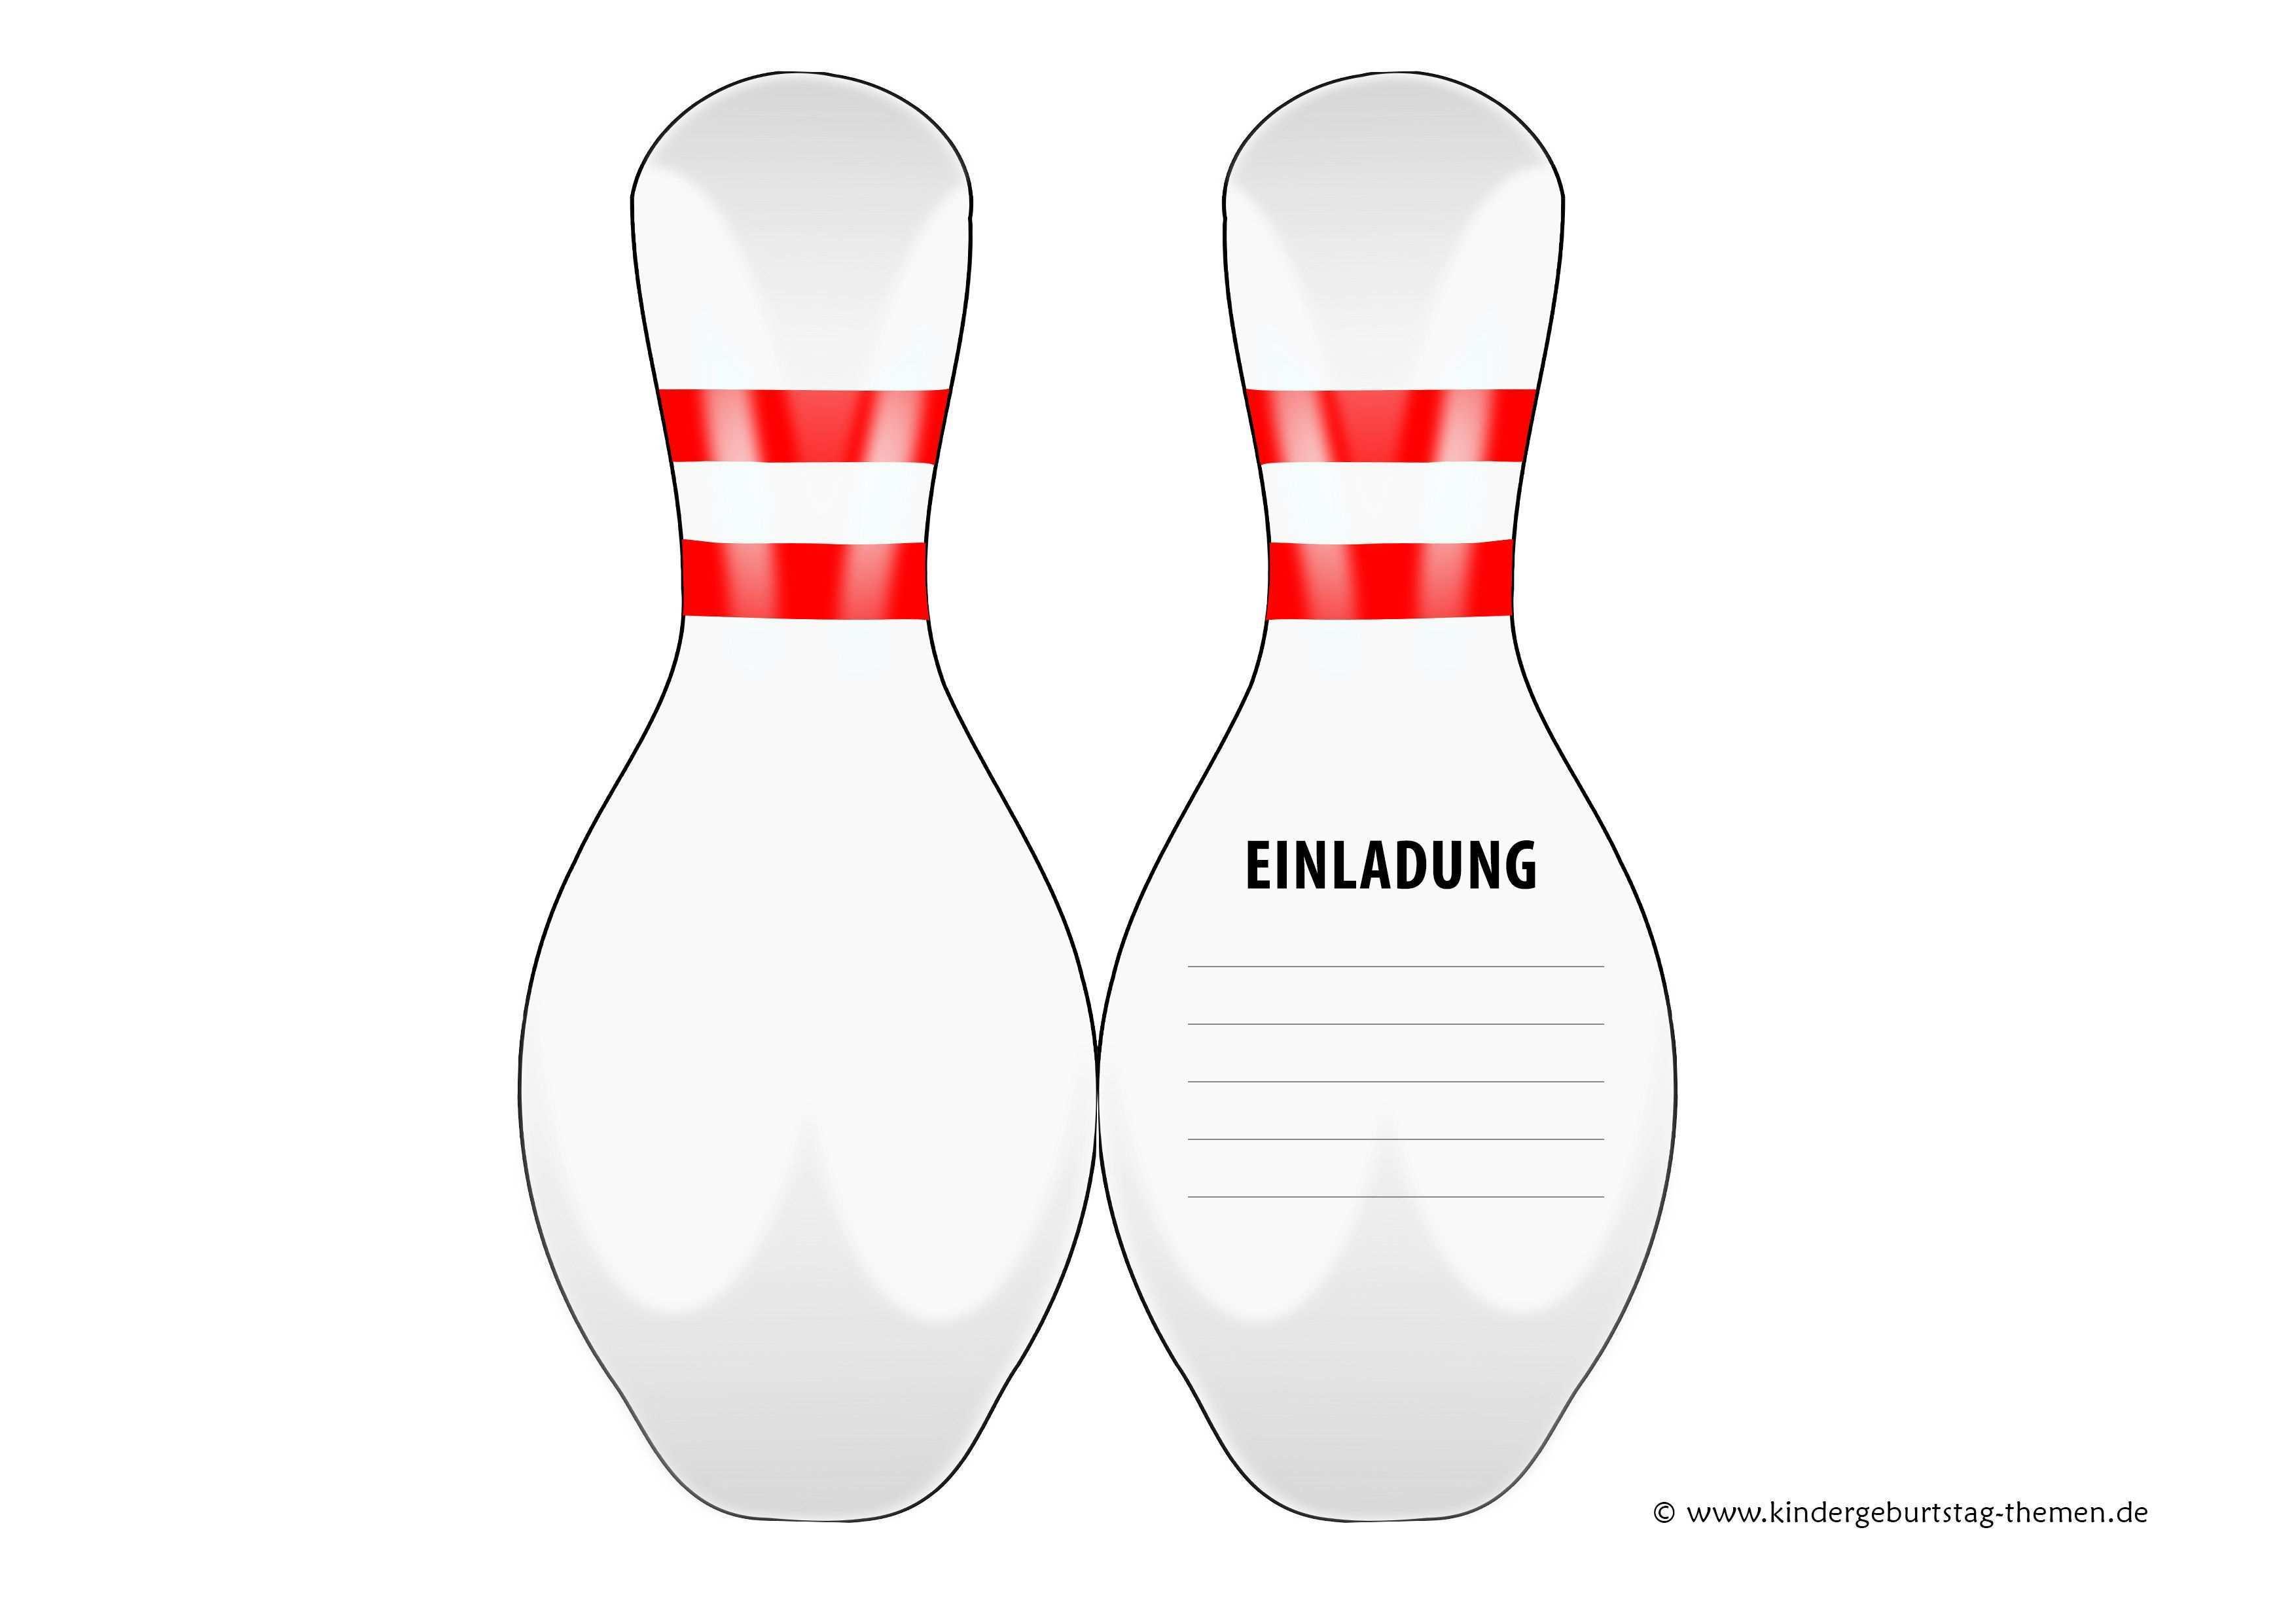 Einladung Kindergeburtstag Bowling Kegeln Kostenlose Vorlagen Der Einladungskarten Zum Ausdrucken Einladungskarten Kindergeburtstag Einladung Kindergeburtstag Einladung Kindergeburtstag Kostenlos